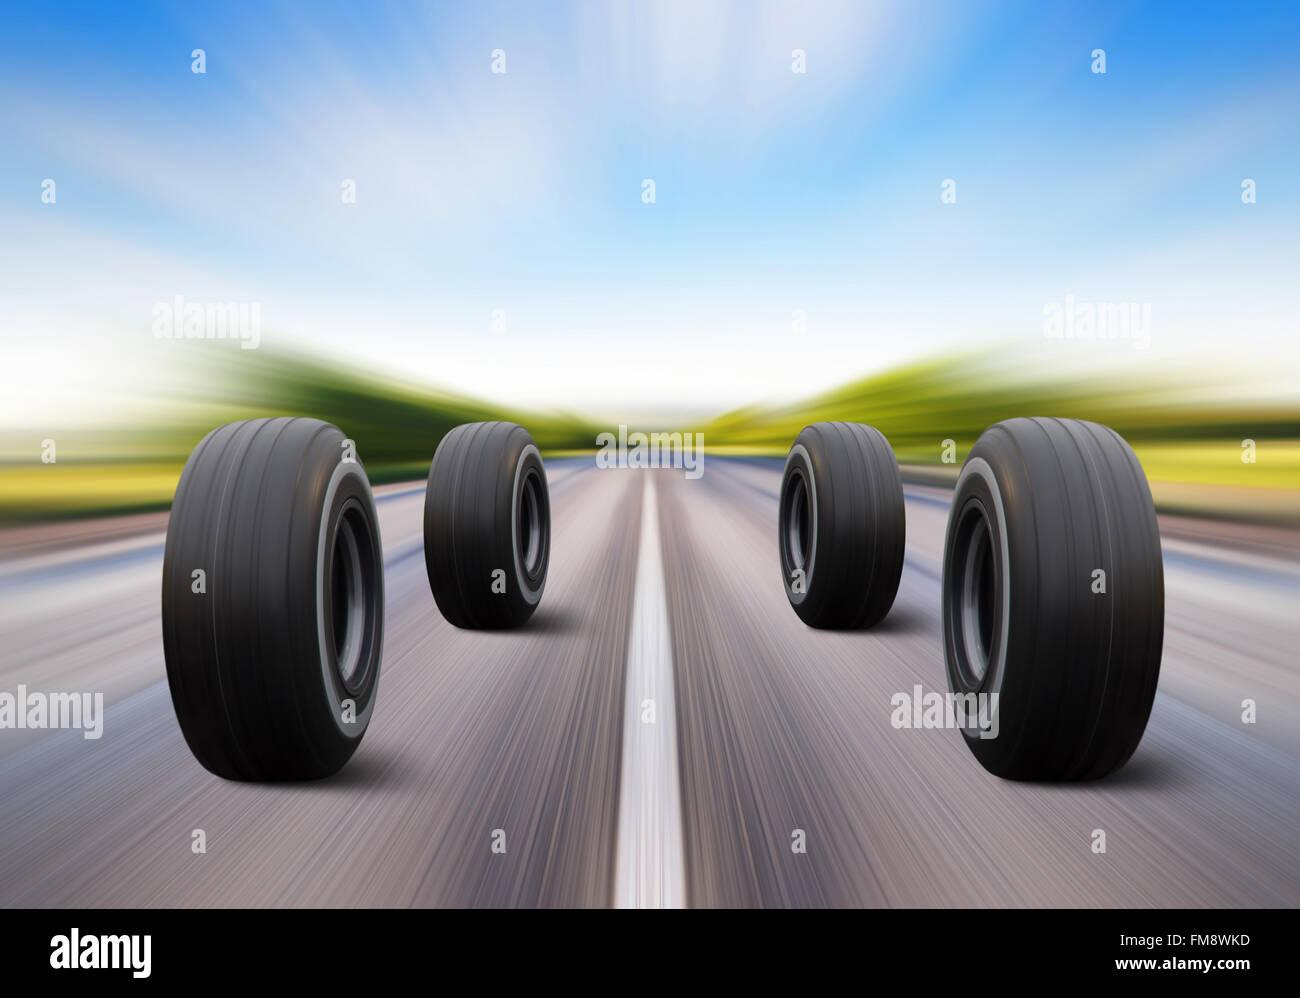 Quattro ruote di automobili rush su strada ad alta velocità Immagini Stock